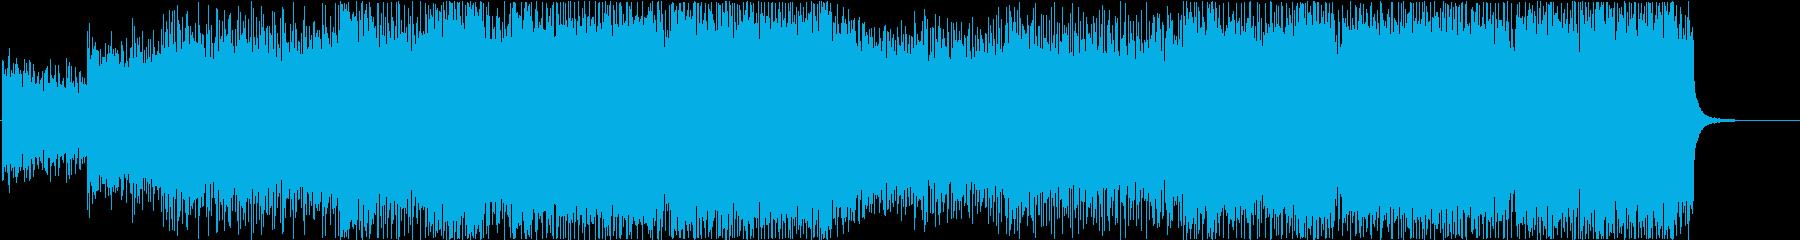 レトロな感じのEDM/Synthwaveの再生済みの波形